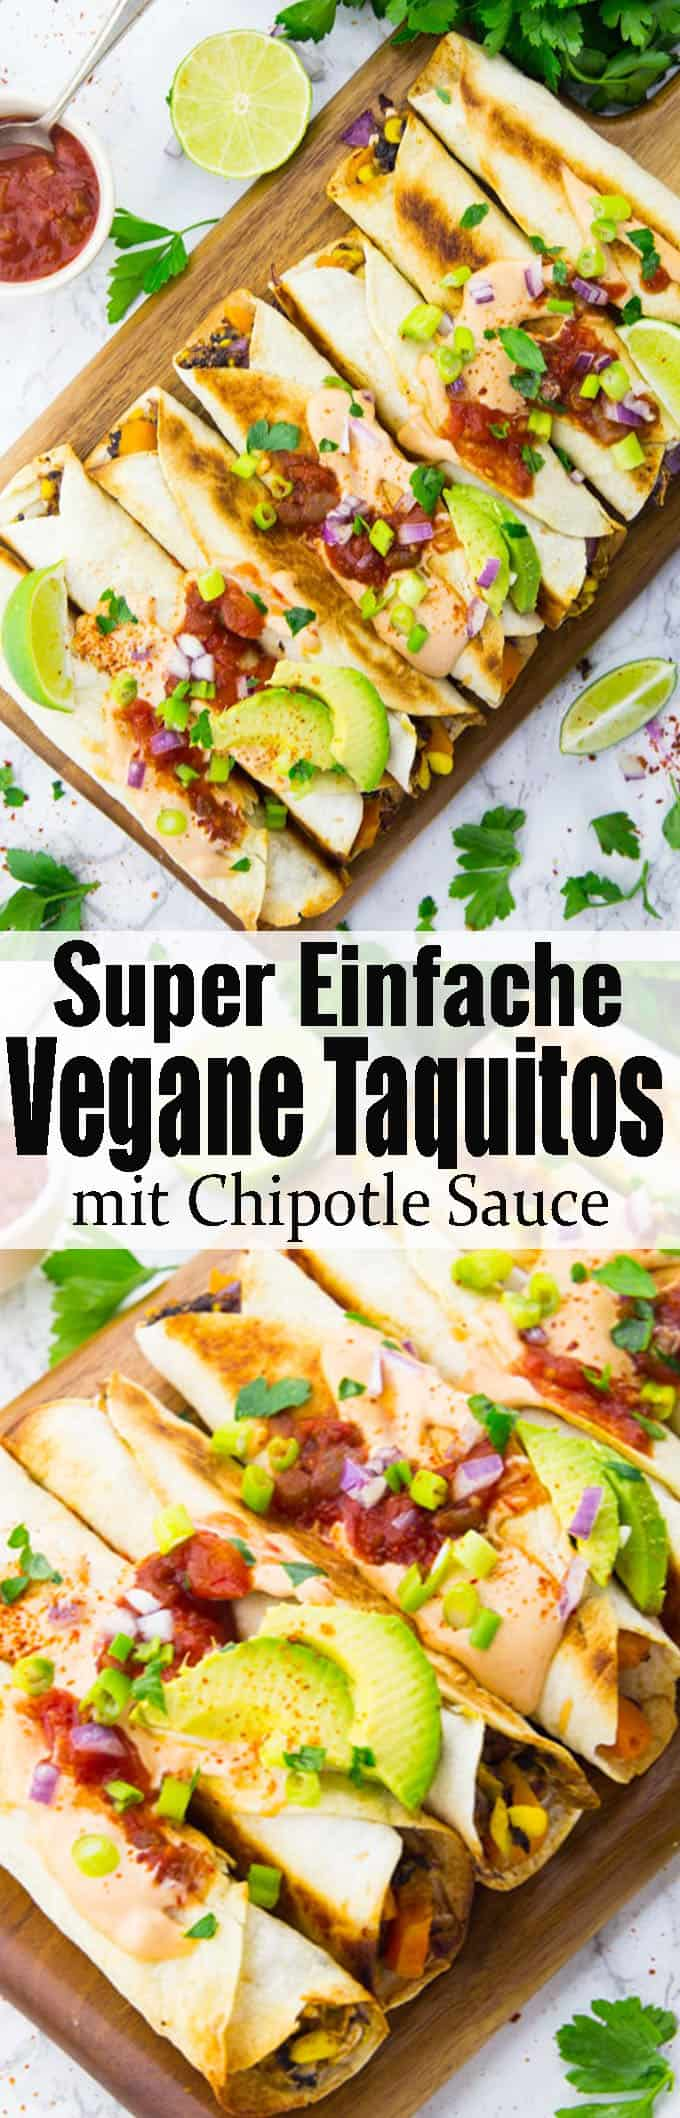 Leckere mexikanische Rezepte gesucht? Dann sind diese Taquitos mit Chipotle Sauce genau richtig für euch! Das perfekt Wohlfühlessen! Vegane Rezepte und vegetarische Rezepte können so lecker und einfach sein!! Mehr leckere Rezepte findet ihr auf veganheaven.de